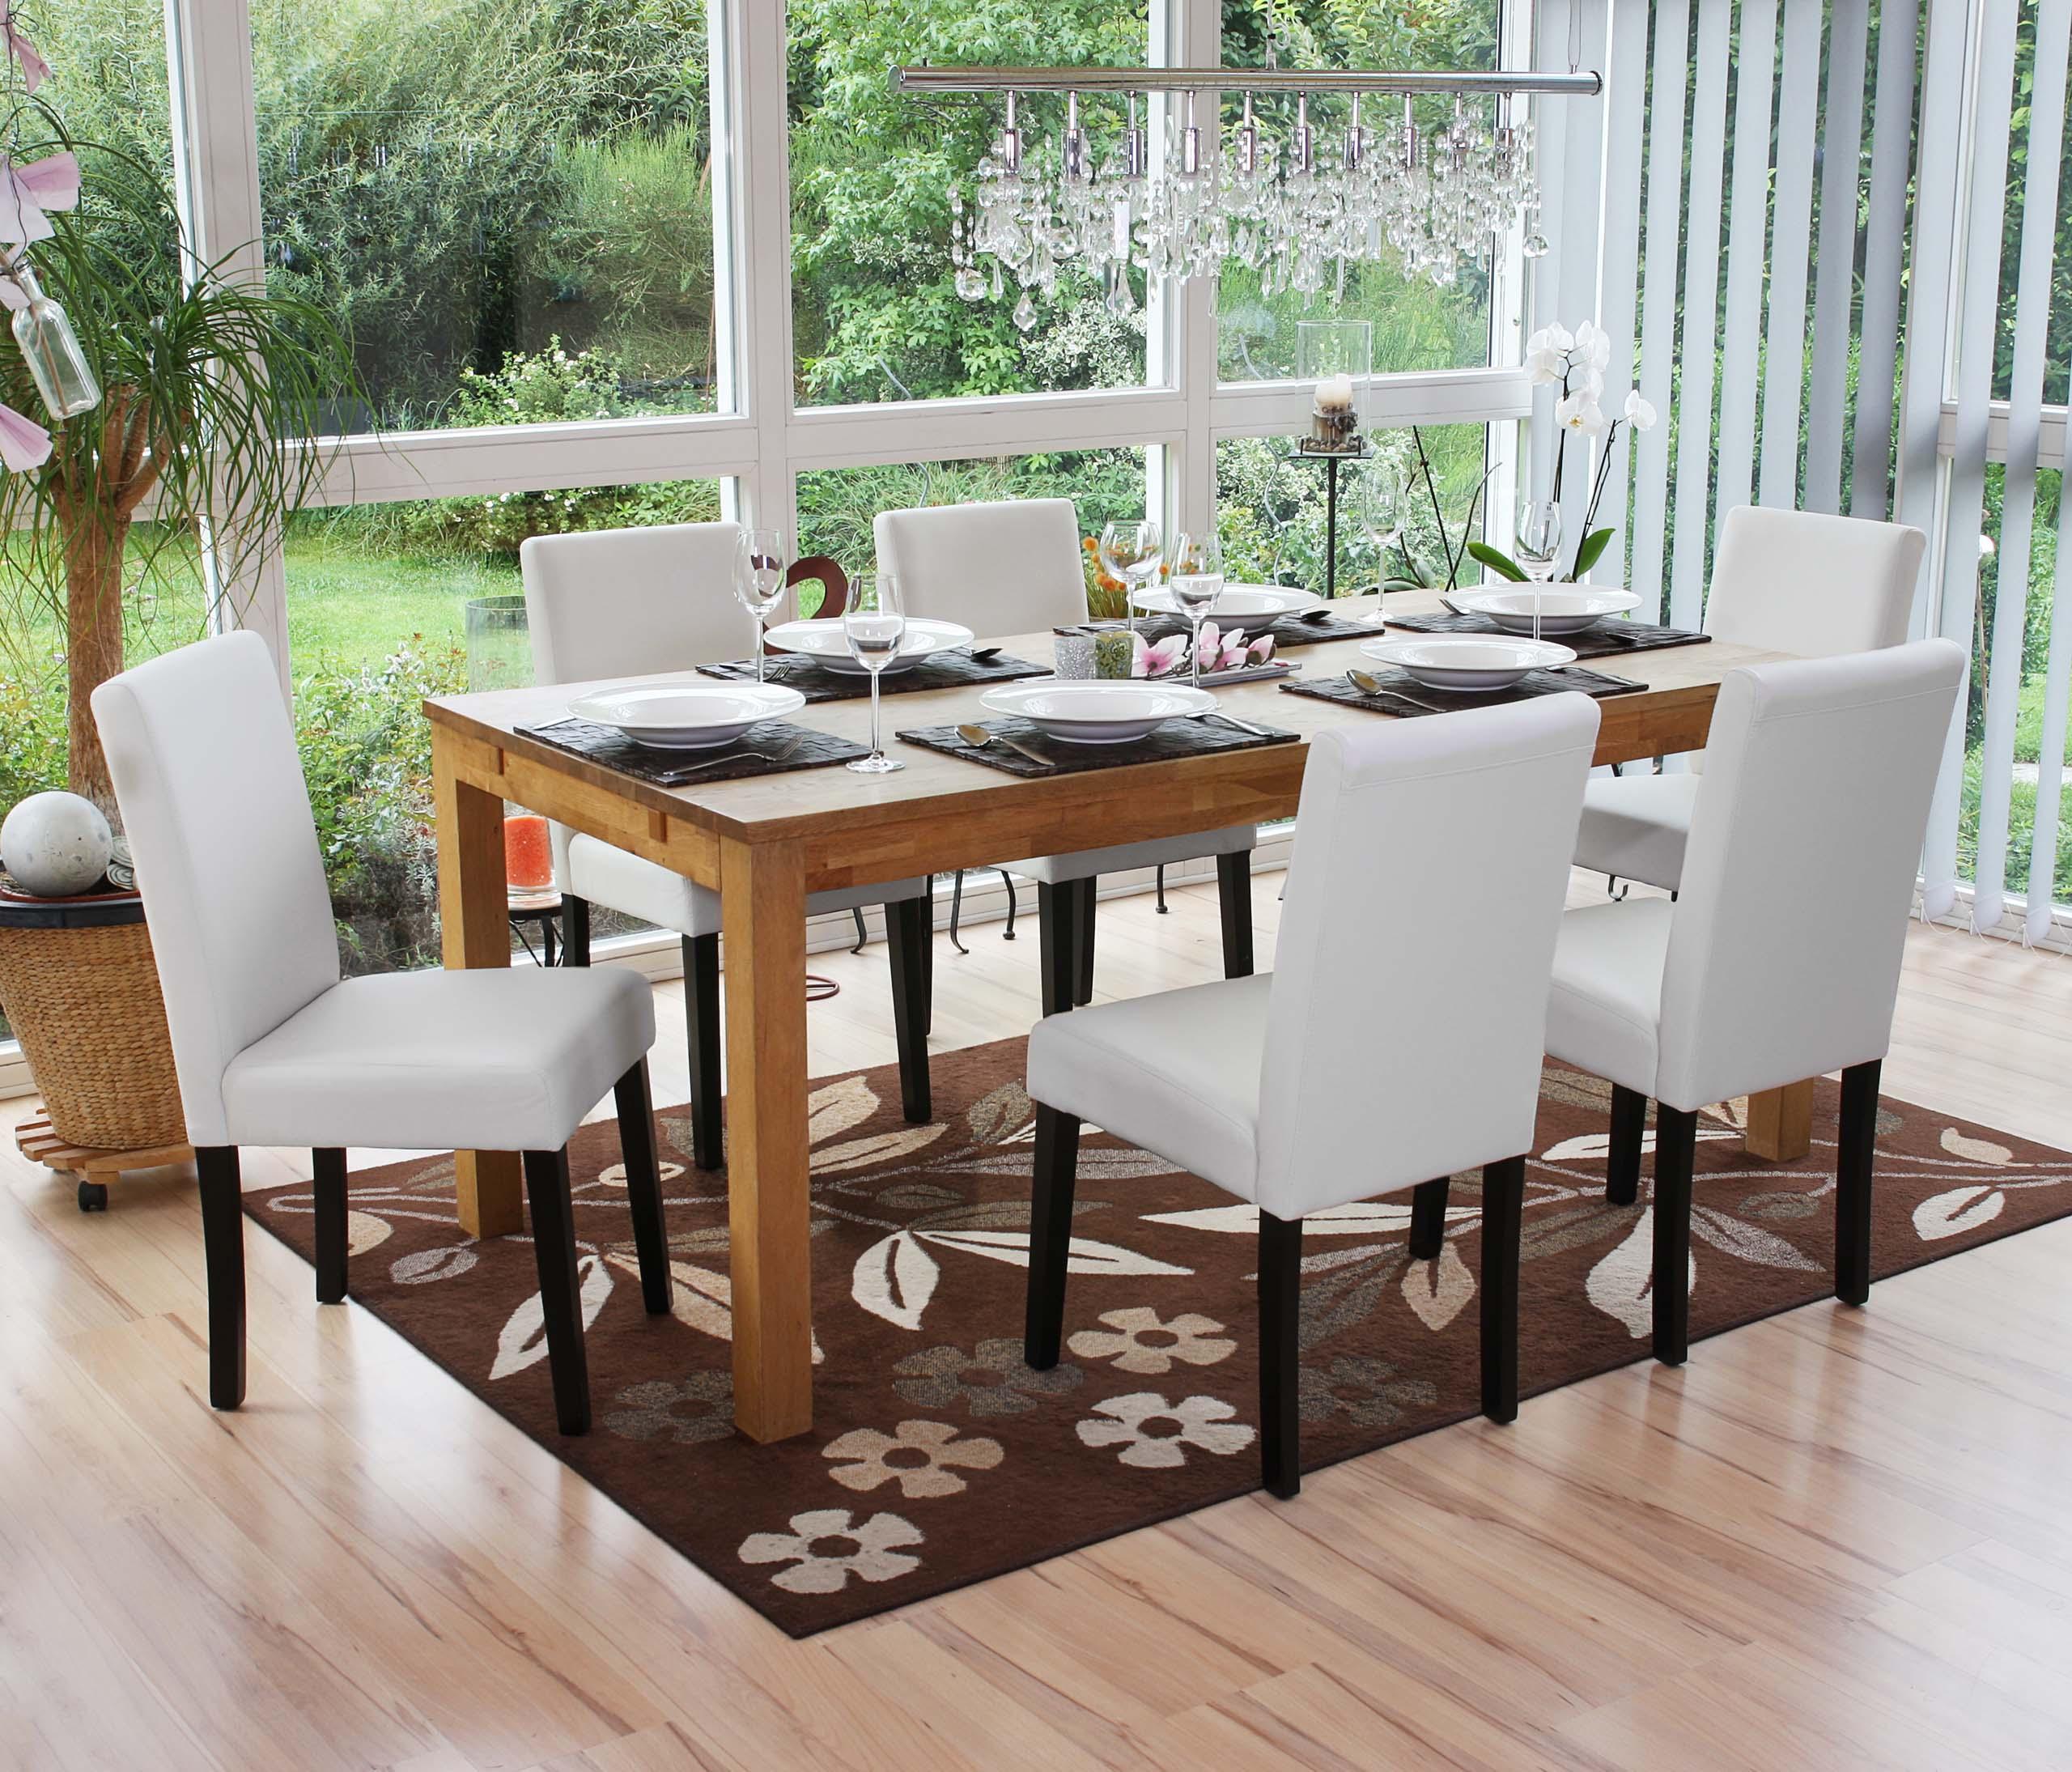 Conjunto de 6 sillas de comedor litau piel blanco mate conjunto de 6 sillas de comedor litau - Conjunto de comedor ...